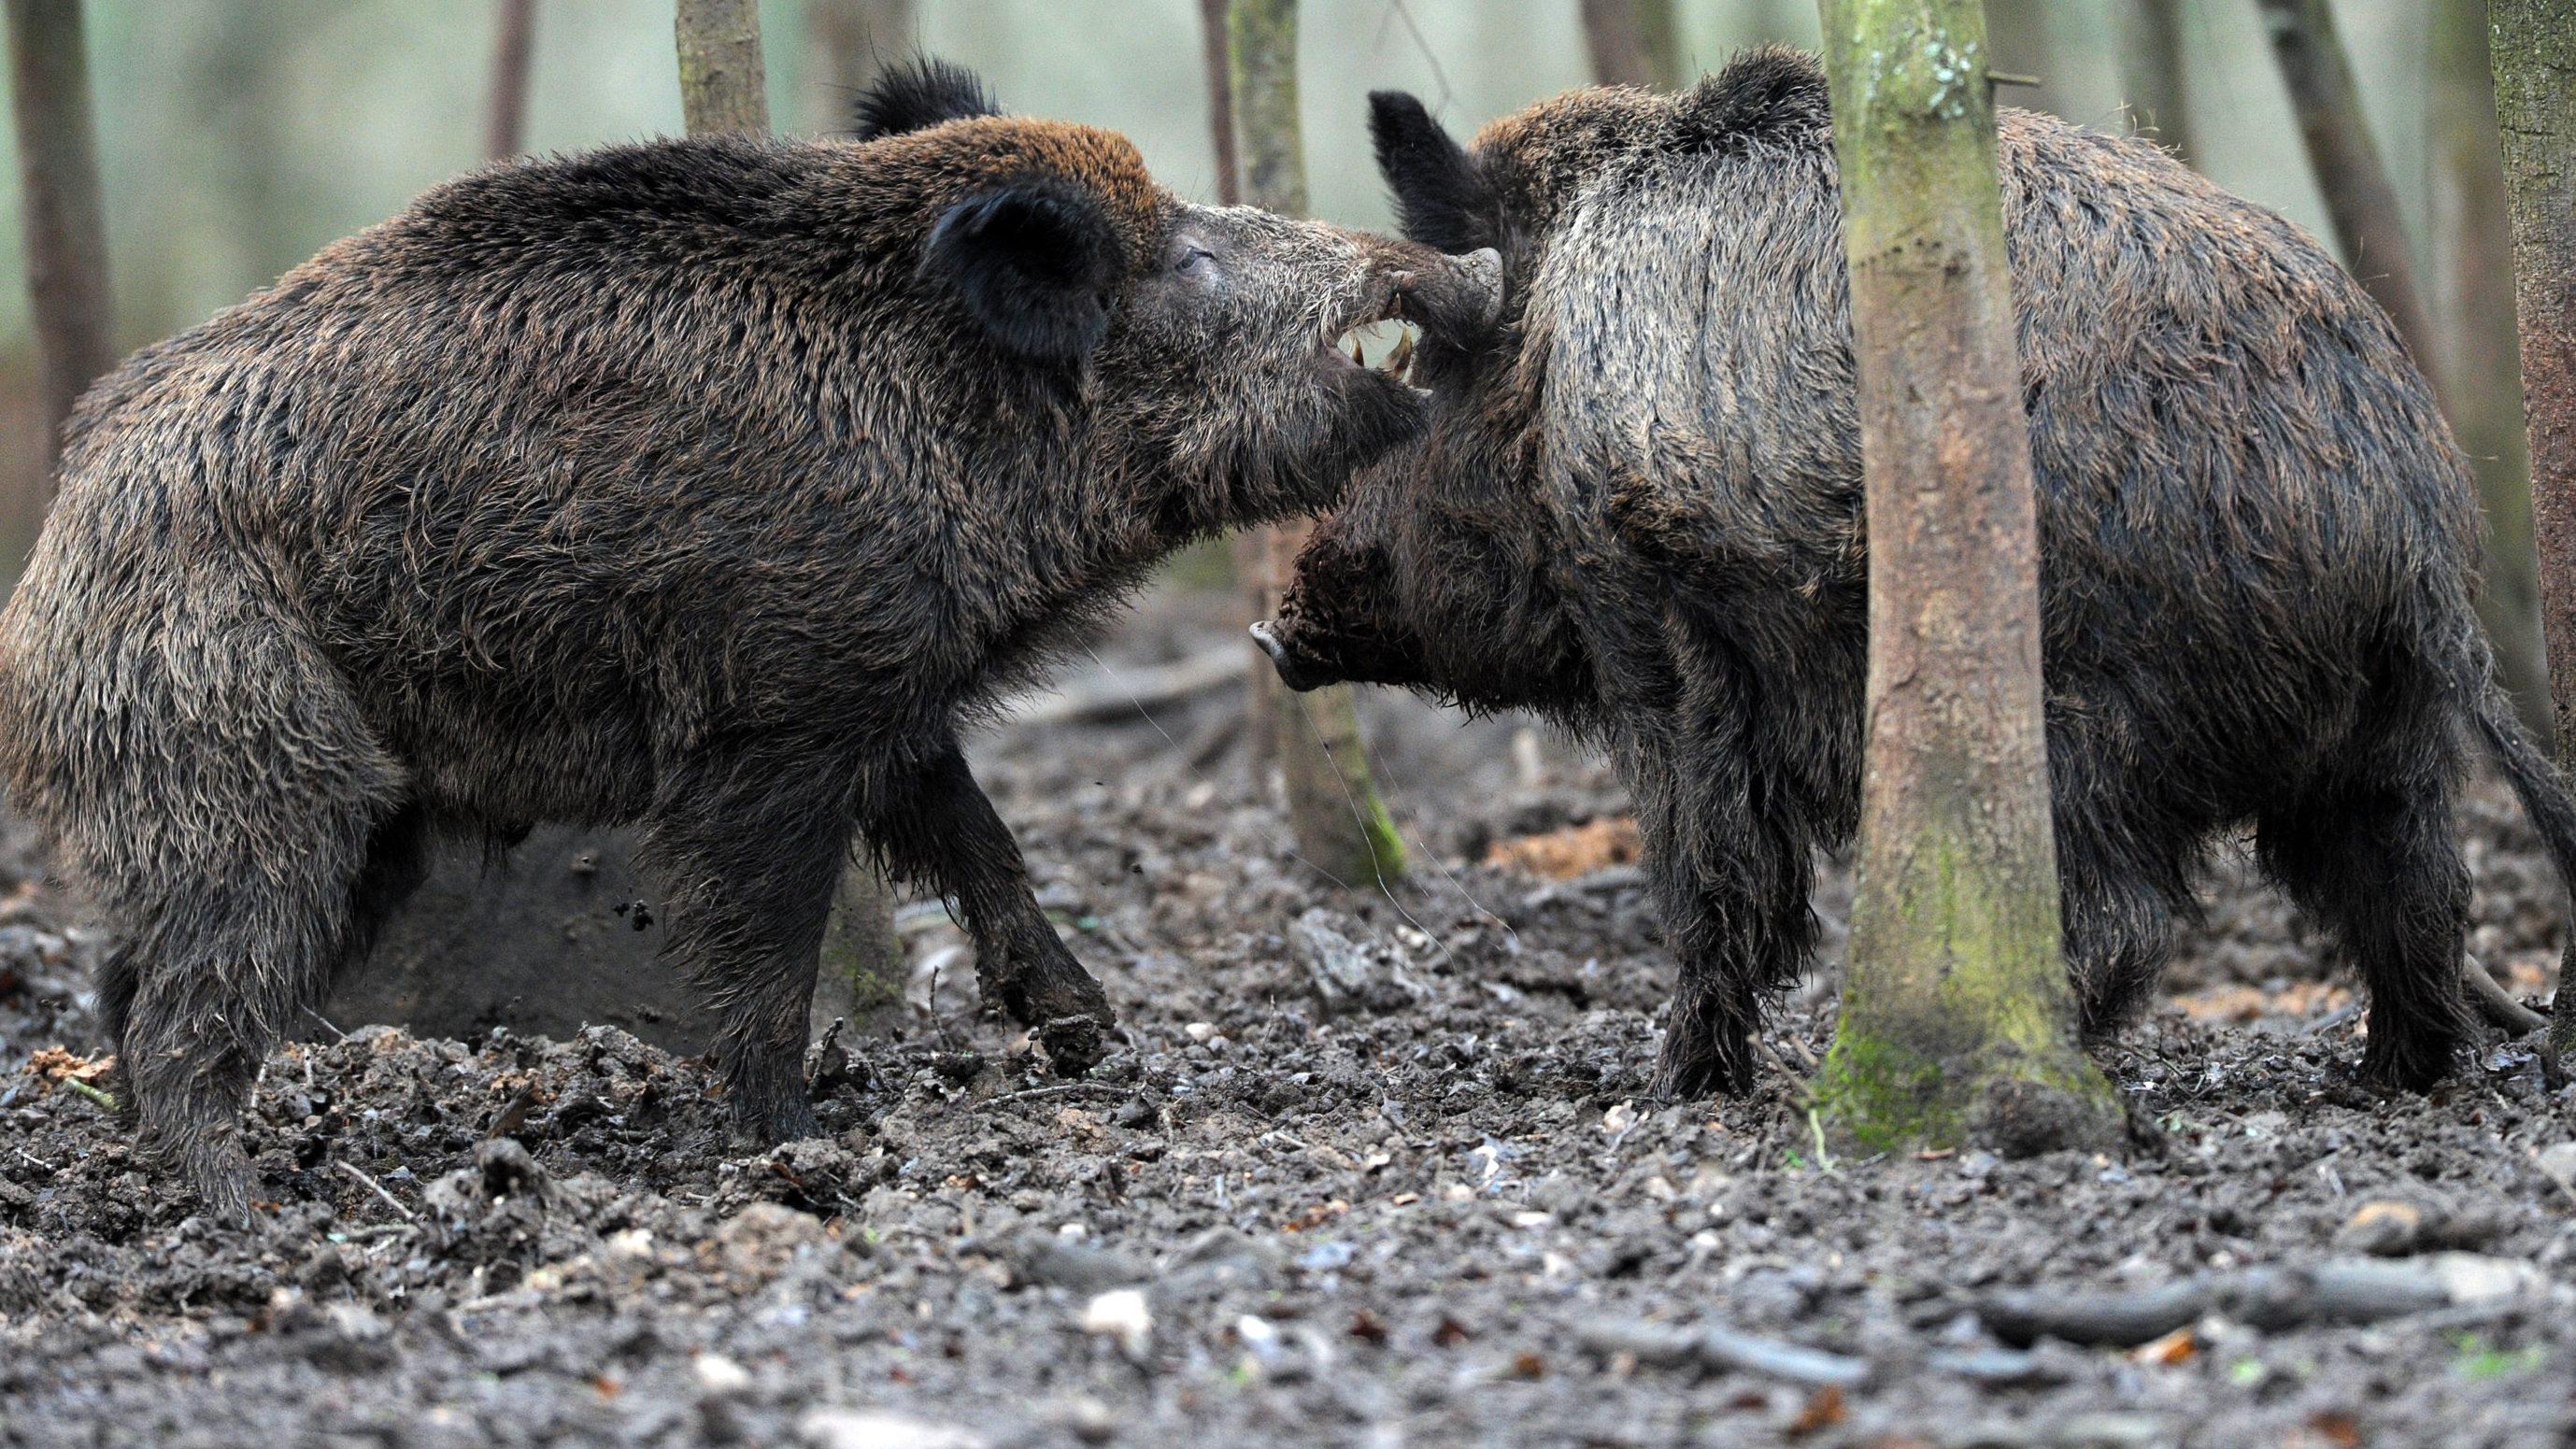 Jogger flüchtet sich vor Wildschweinrotte auf Baum